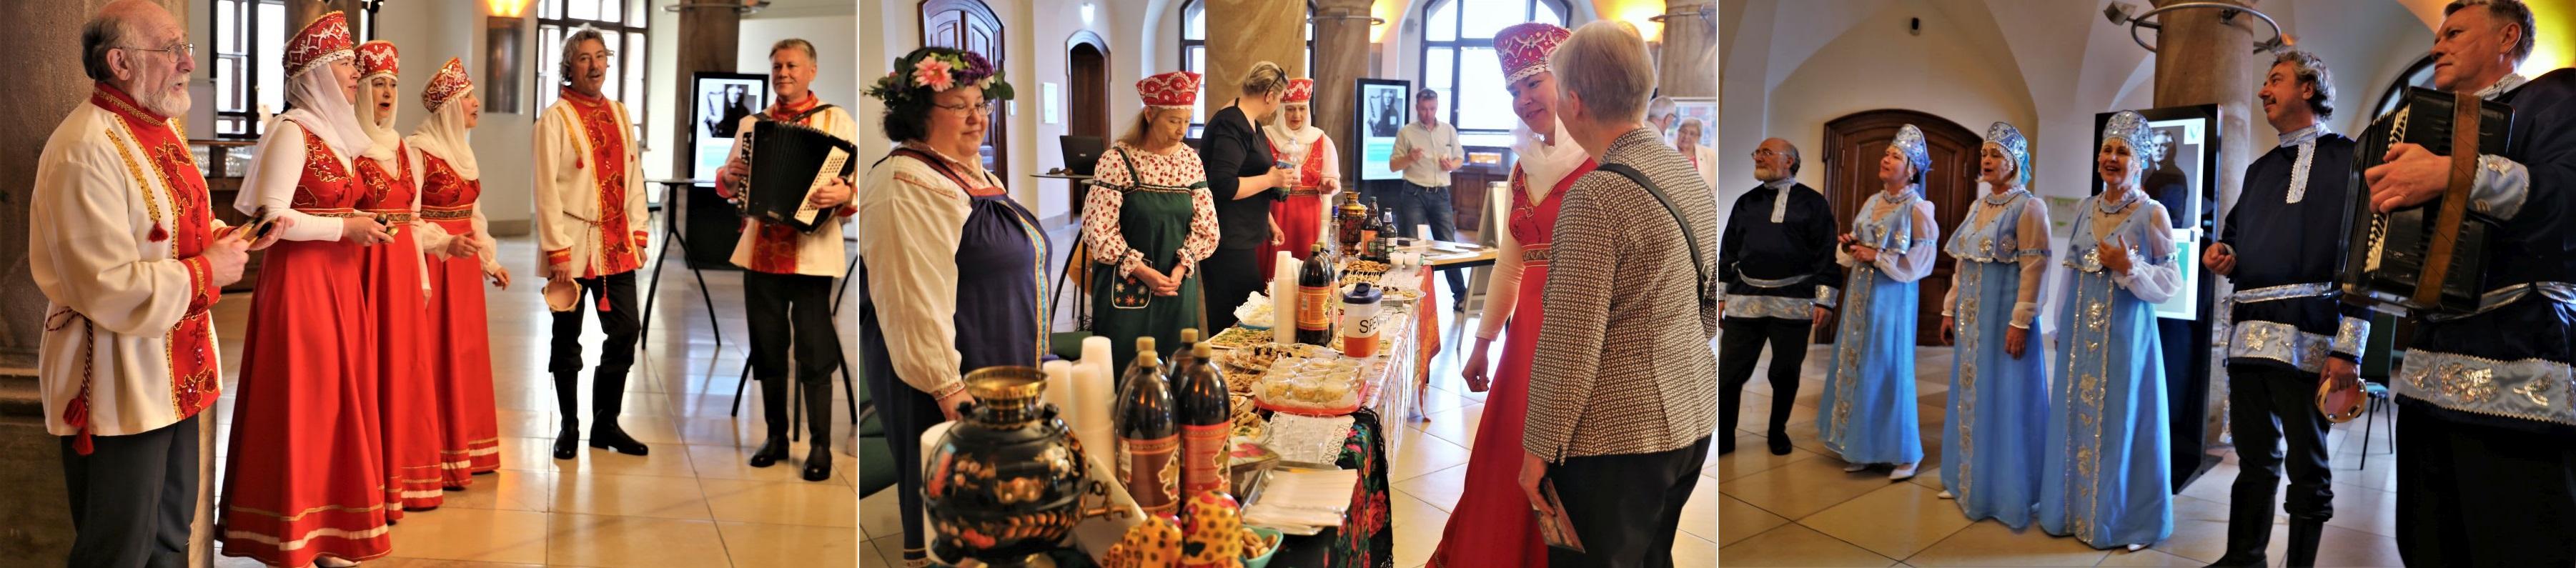 MIG Verein beim Galakonzert der Brass Band BlechKLANG Russische Nächte